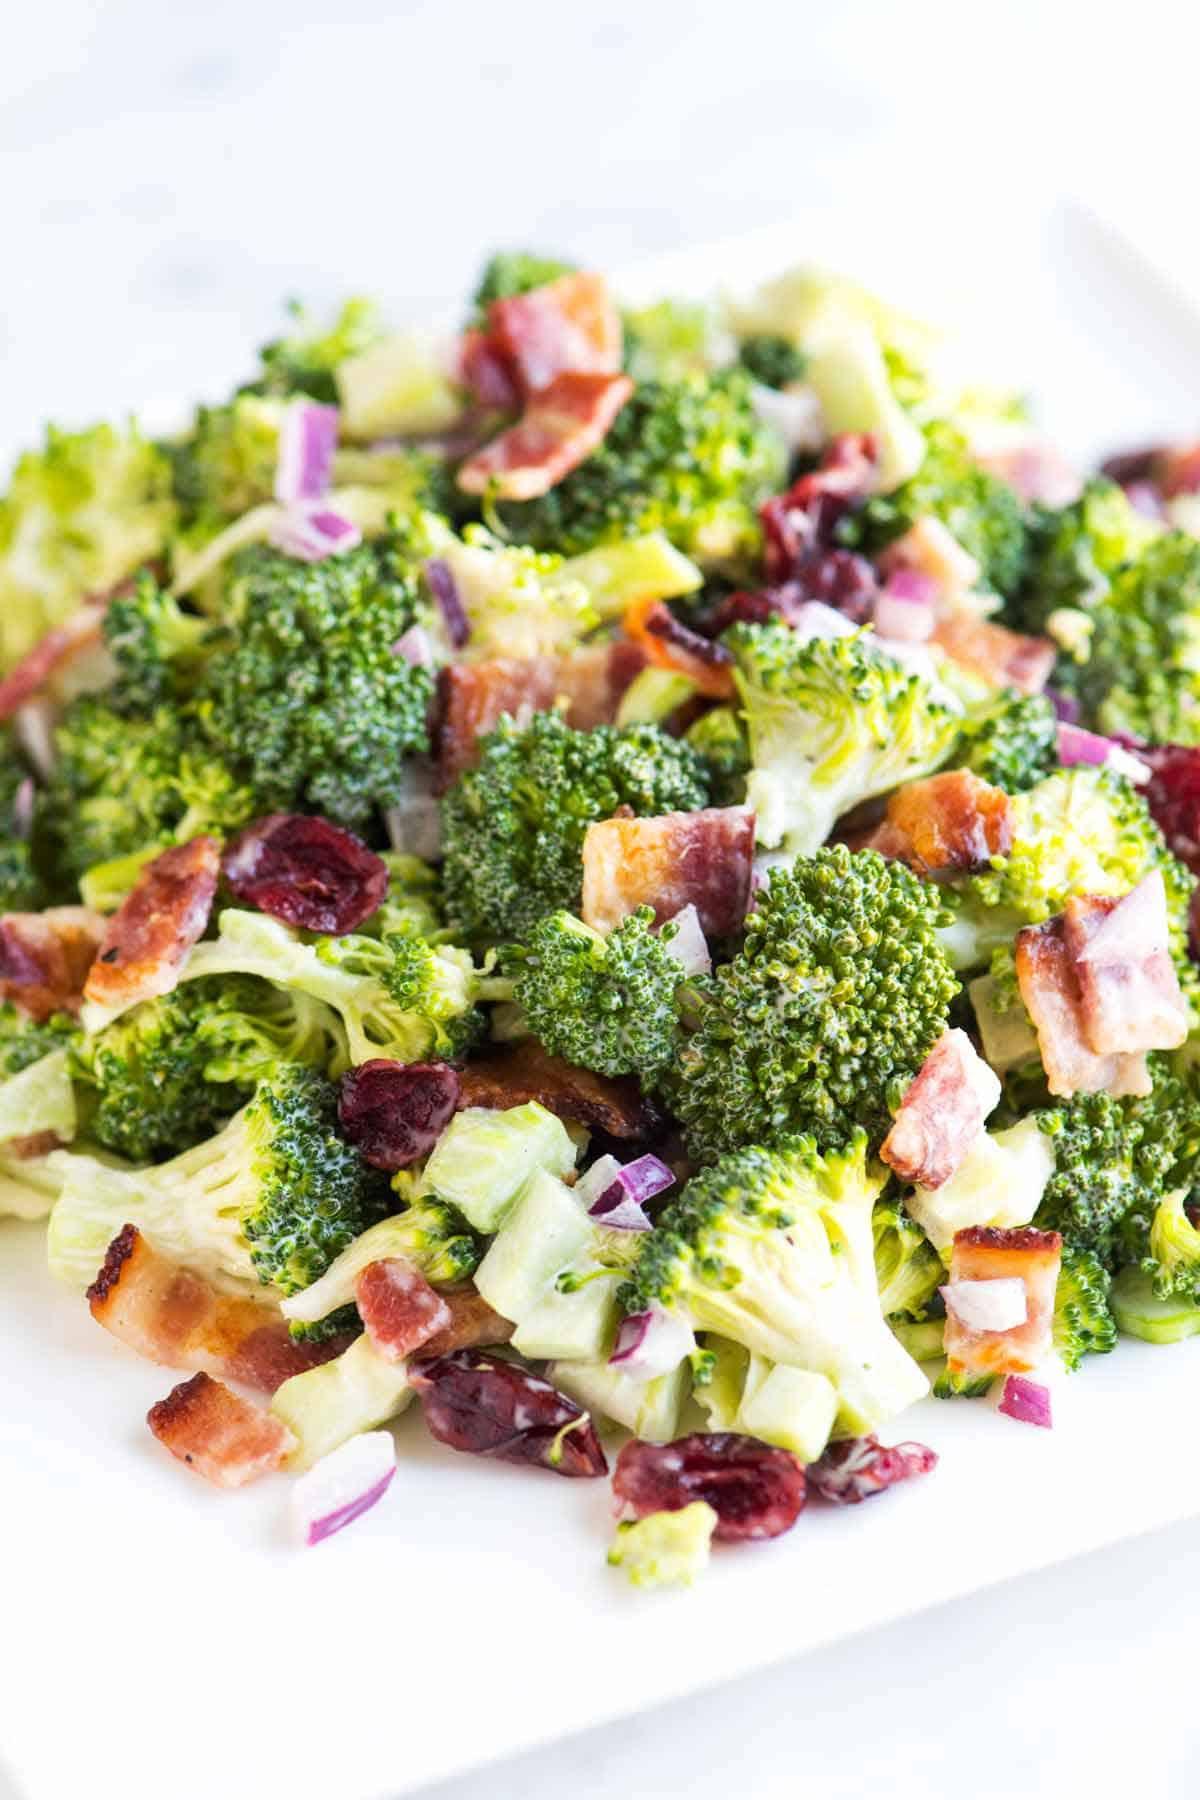 Easy Broccoli Salad Recipe with Bacon